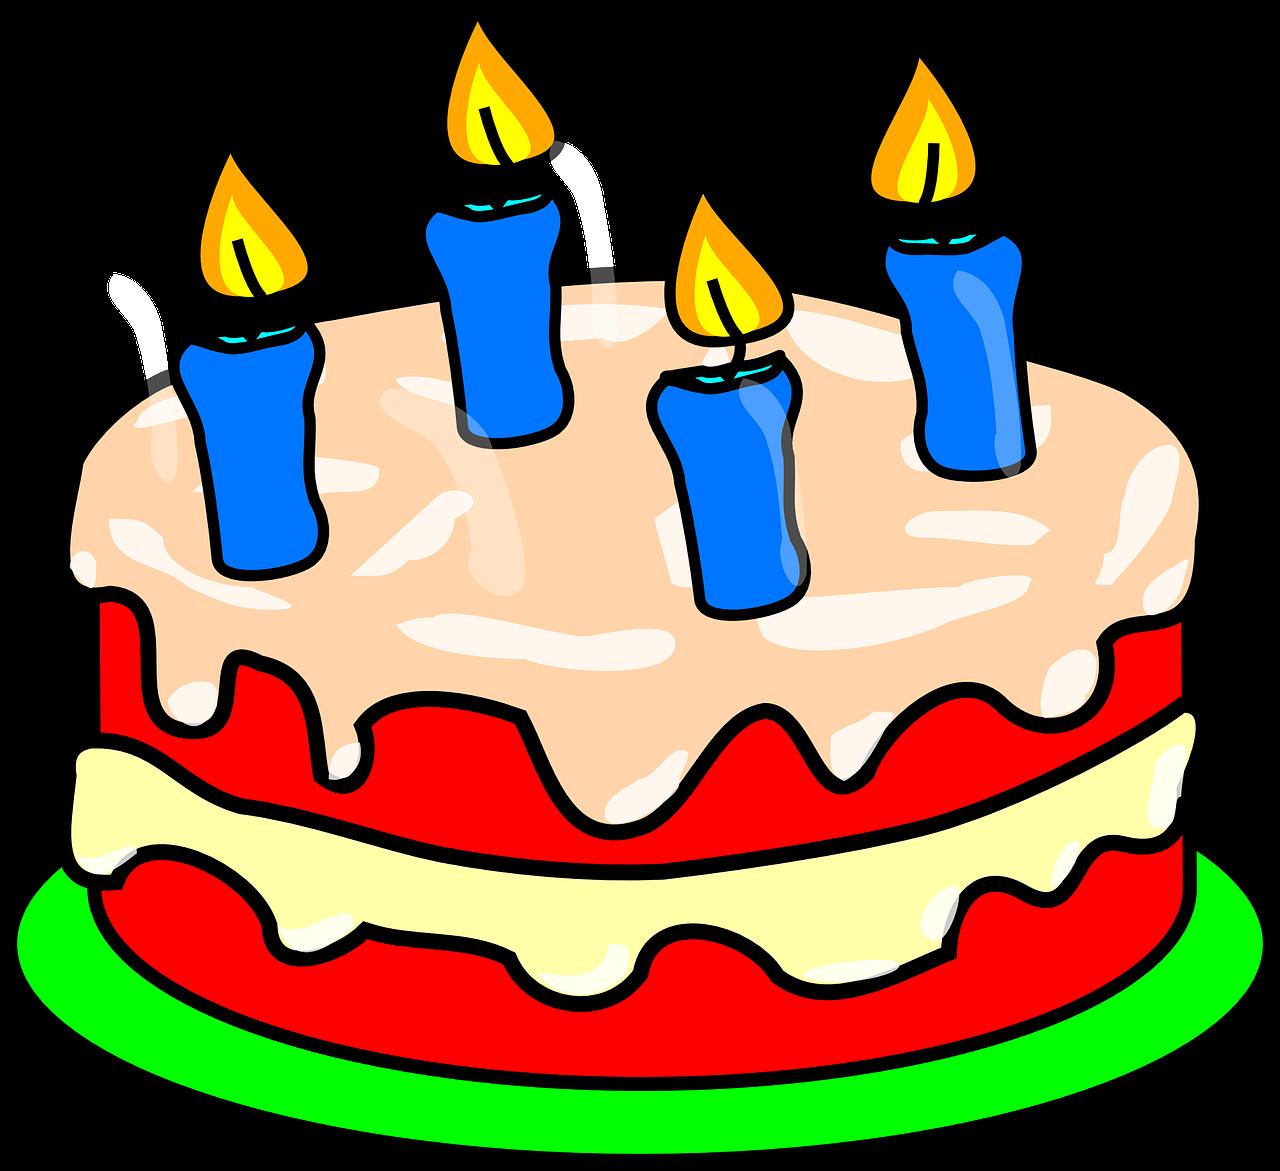 slavnostní proslov k narozeninám Narozeninový proslov slavnostní proslov k narozeninám